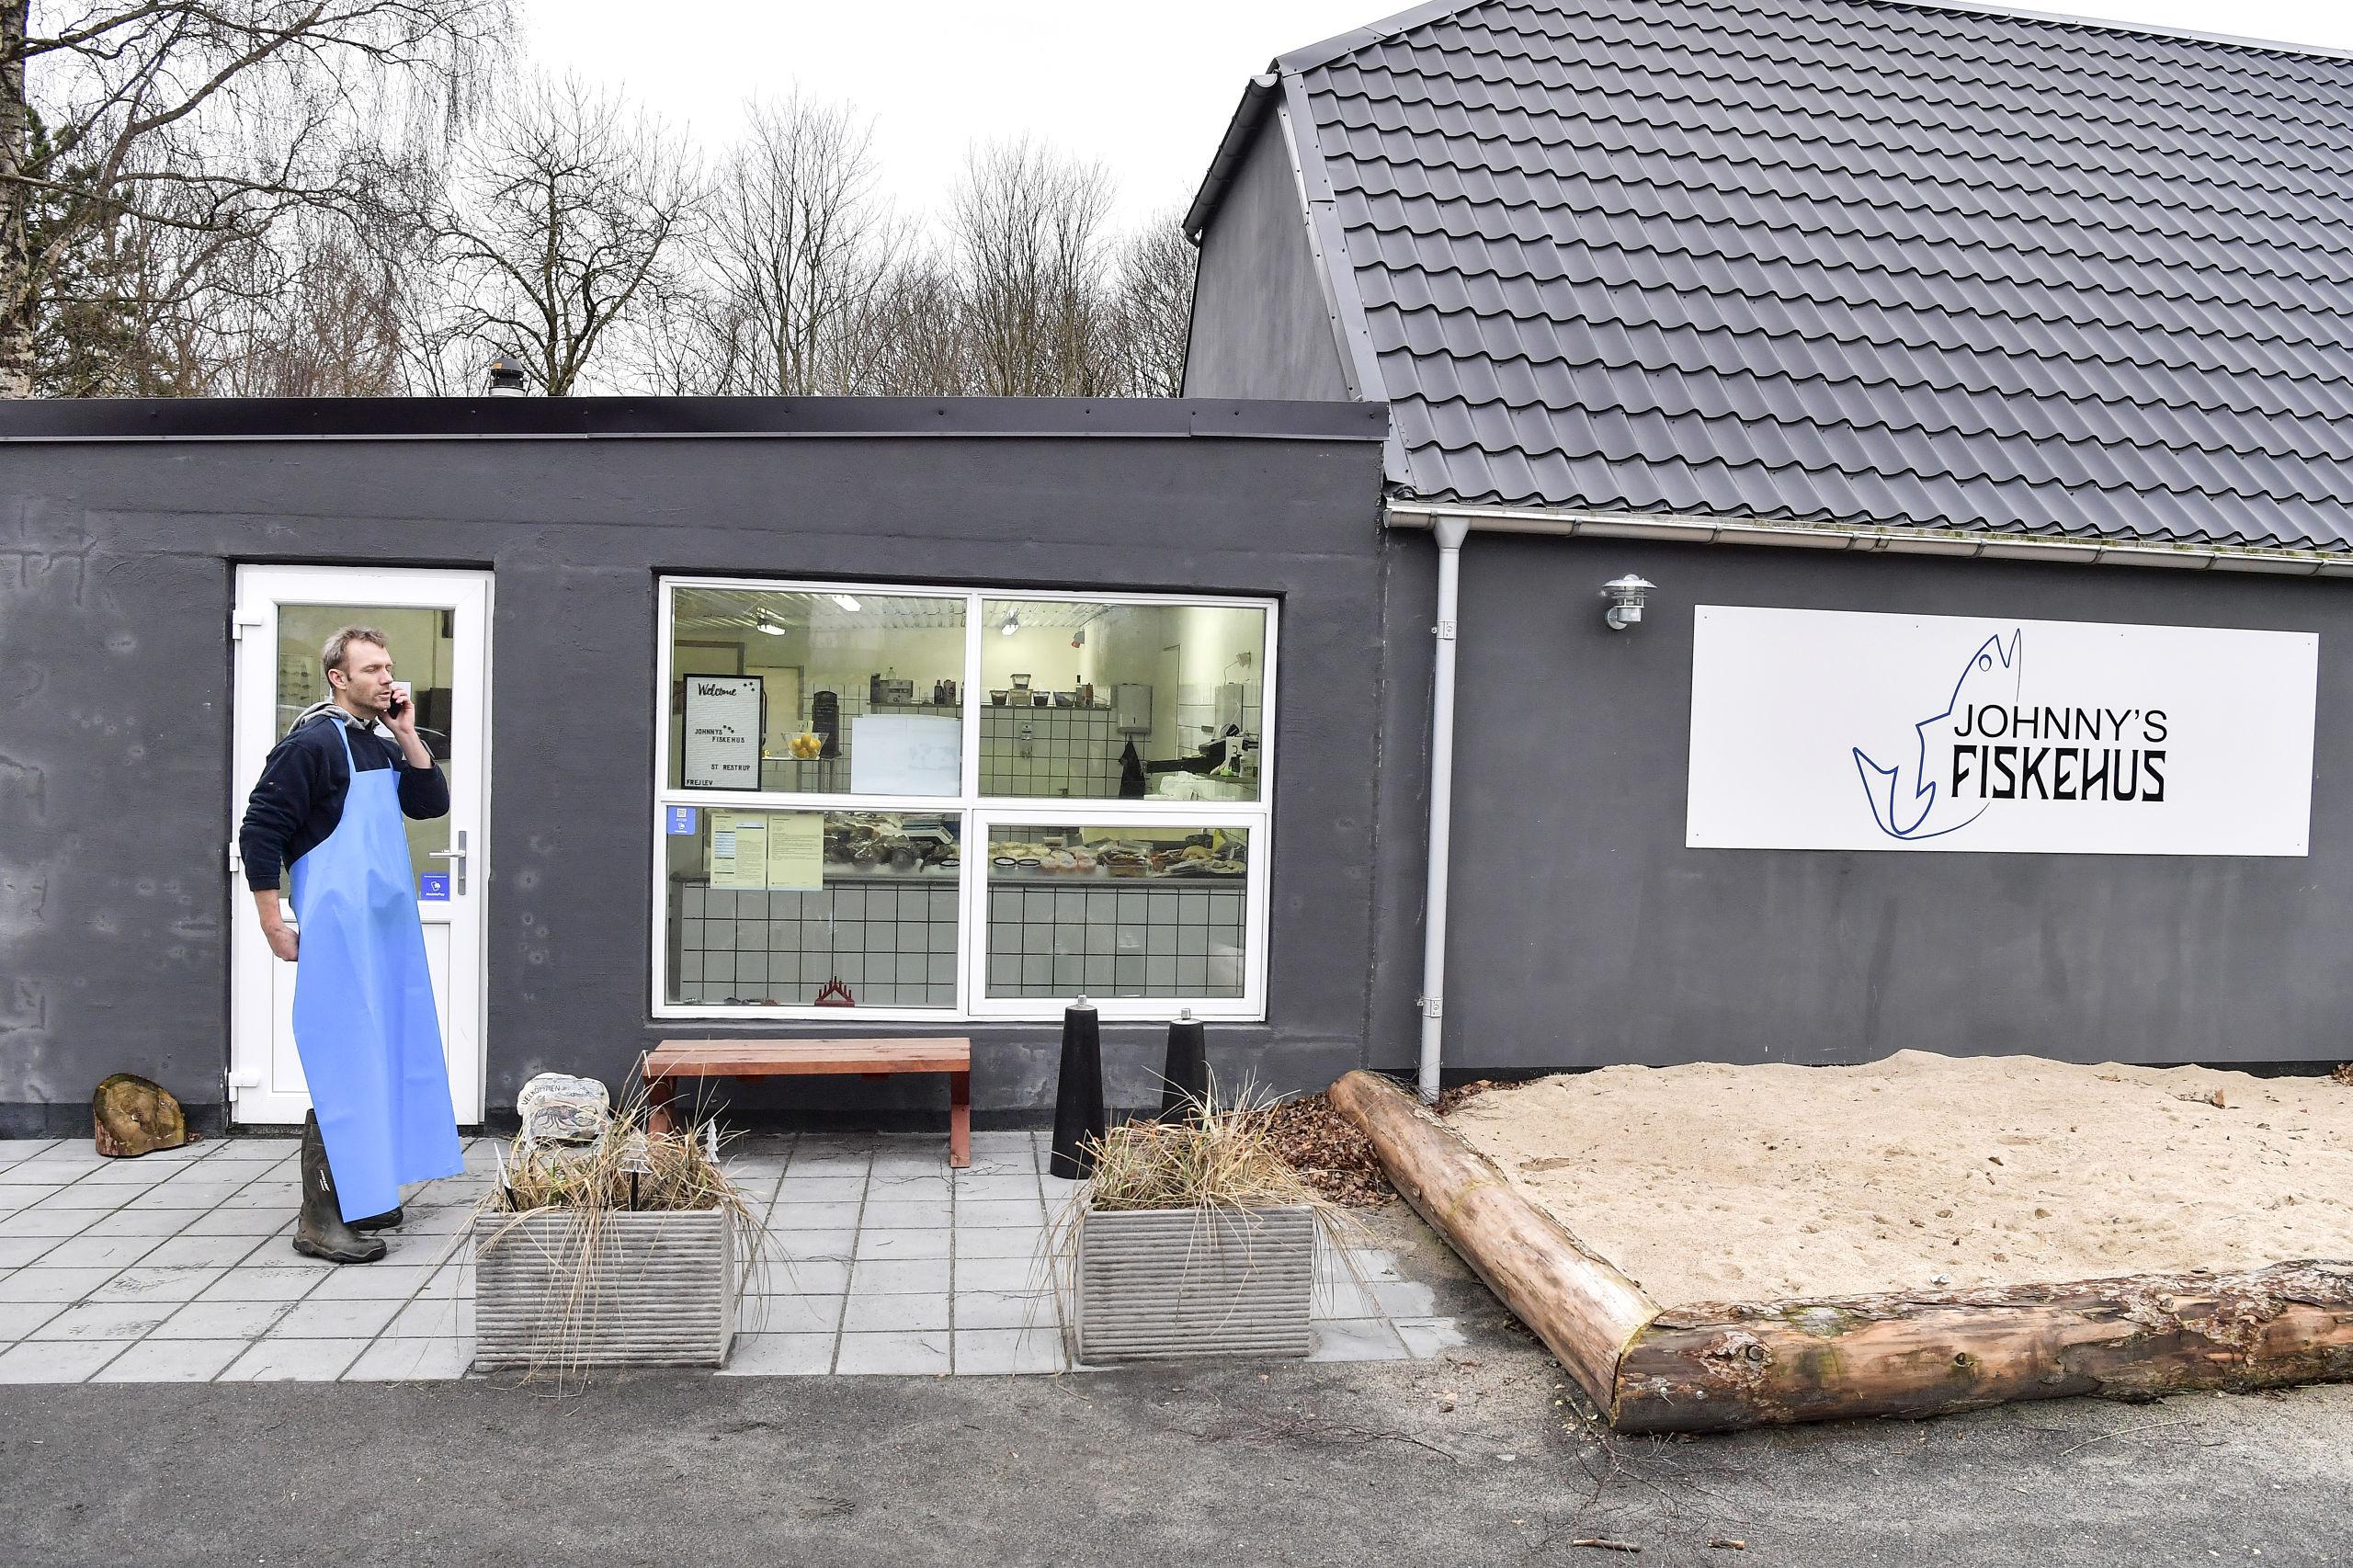 """""""Johnny's Fiskehus"""" ligger på Nibevej 389 kun et stenkast fra henholdsvis St. Restrup og Frejlev. Foto: Michael Koch"""